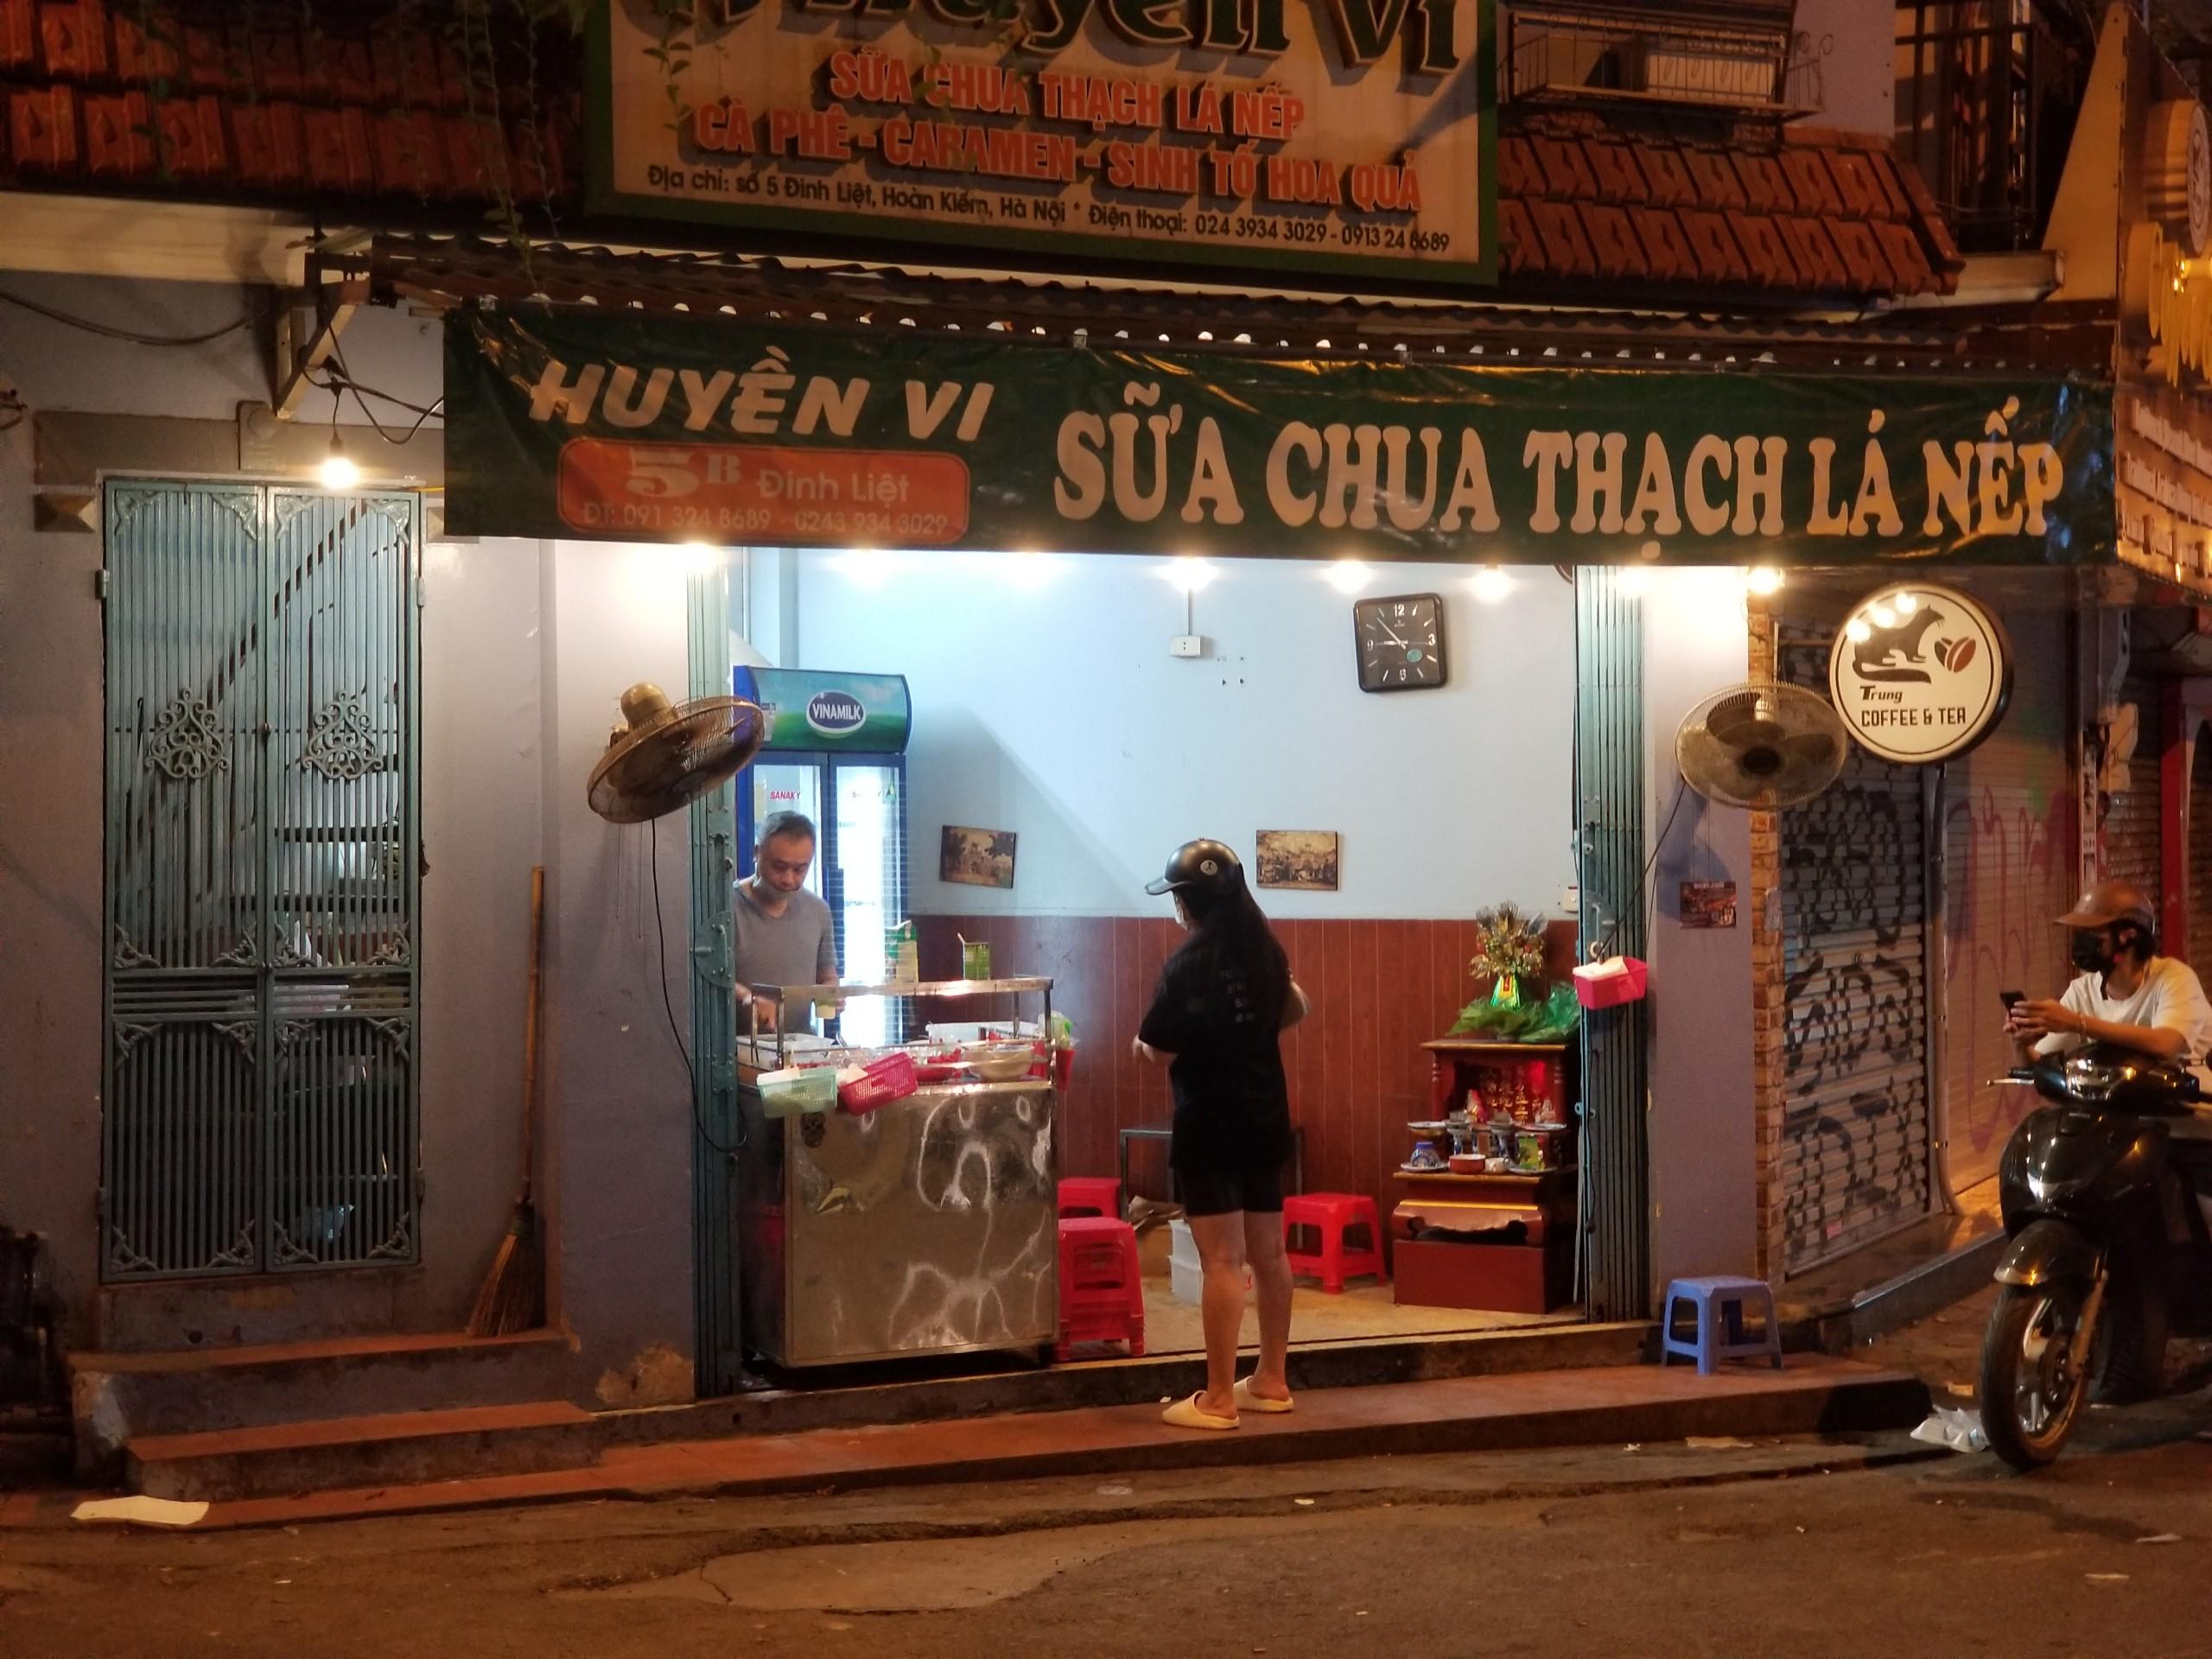 Phố cổ Tạ Hiện buồn hiu ngày dịch, hộ kinh doanh chán nản vì ế khách - Ảnh 5.